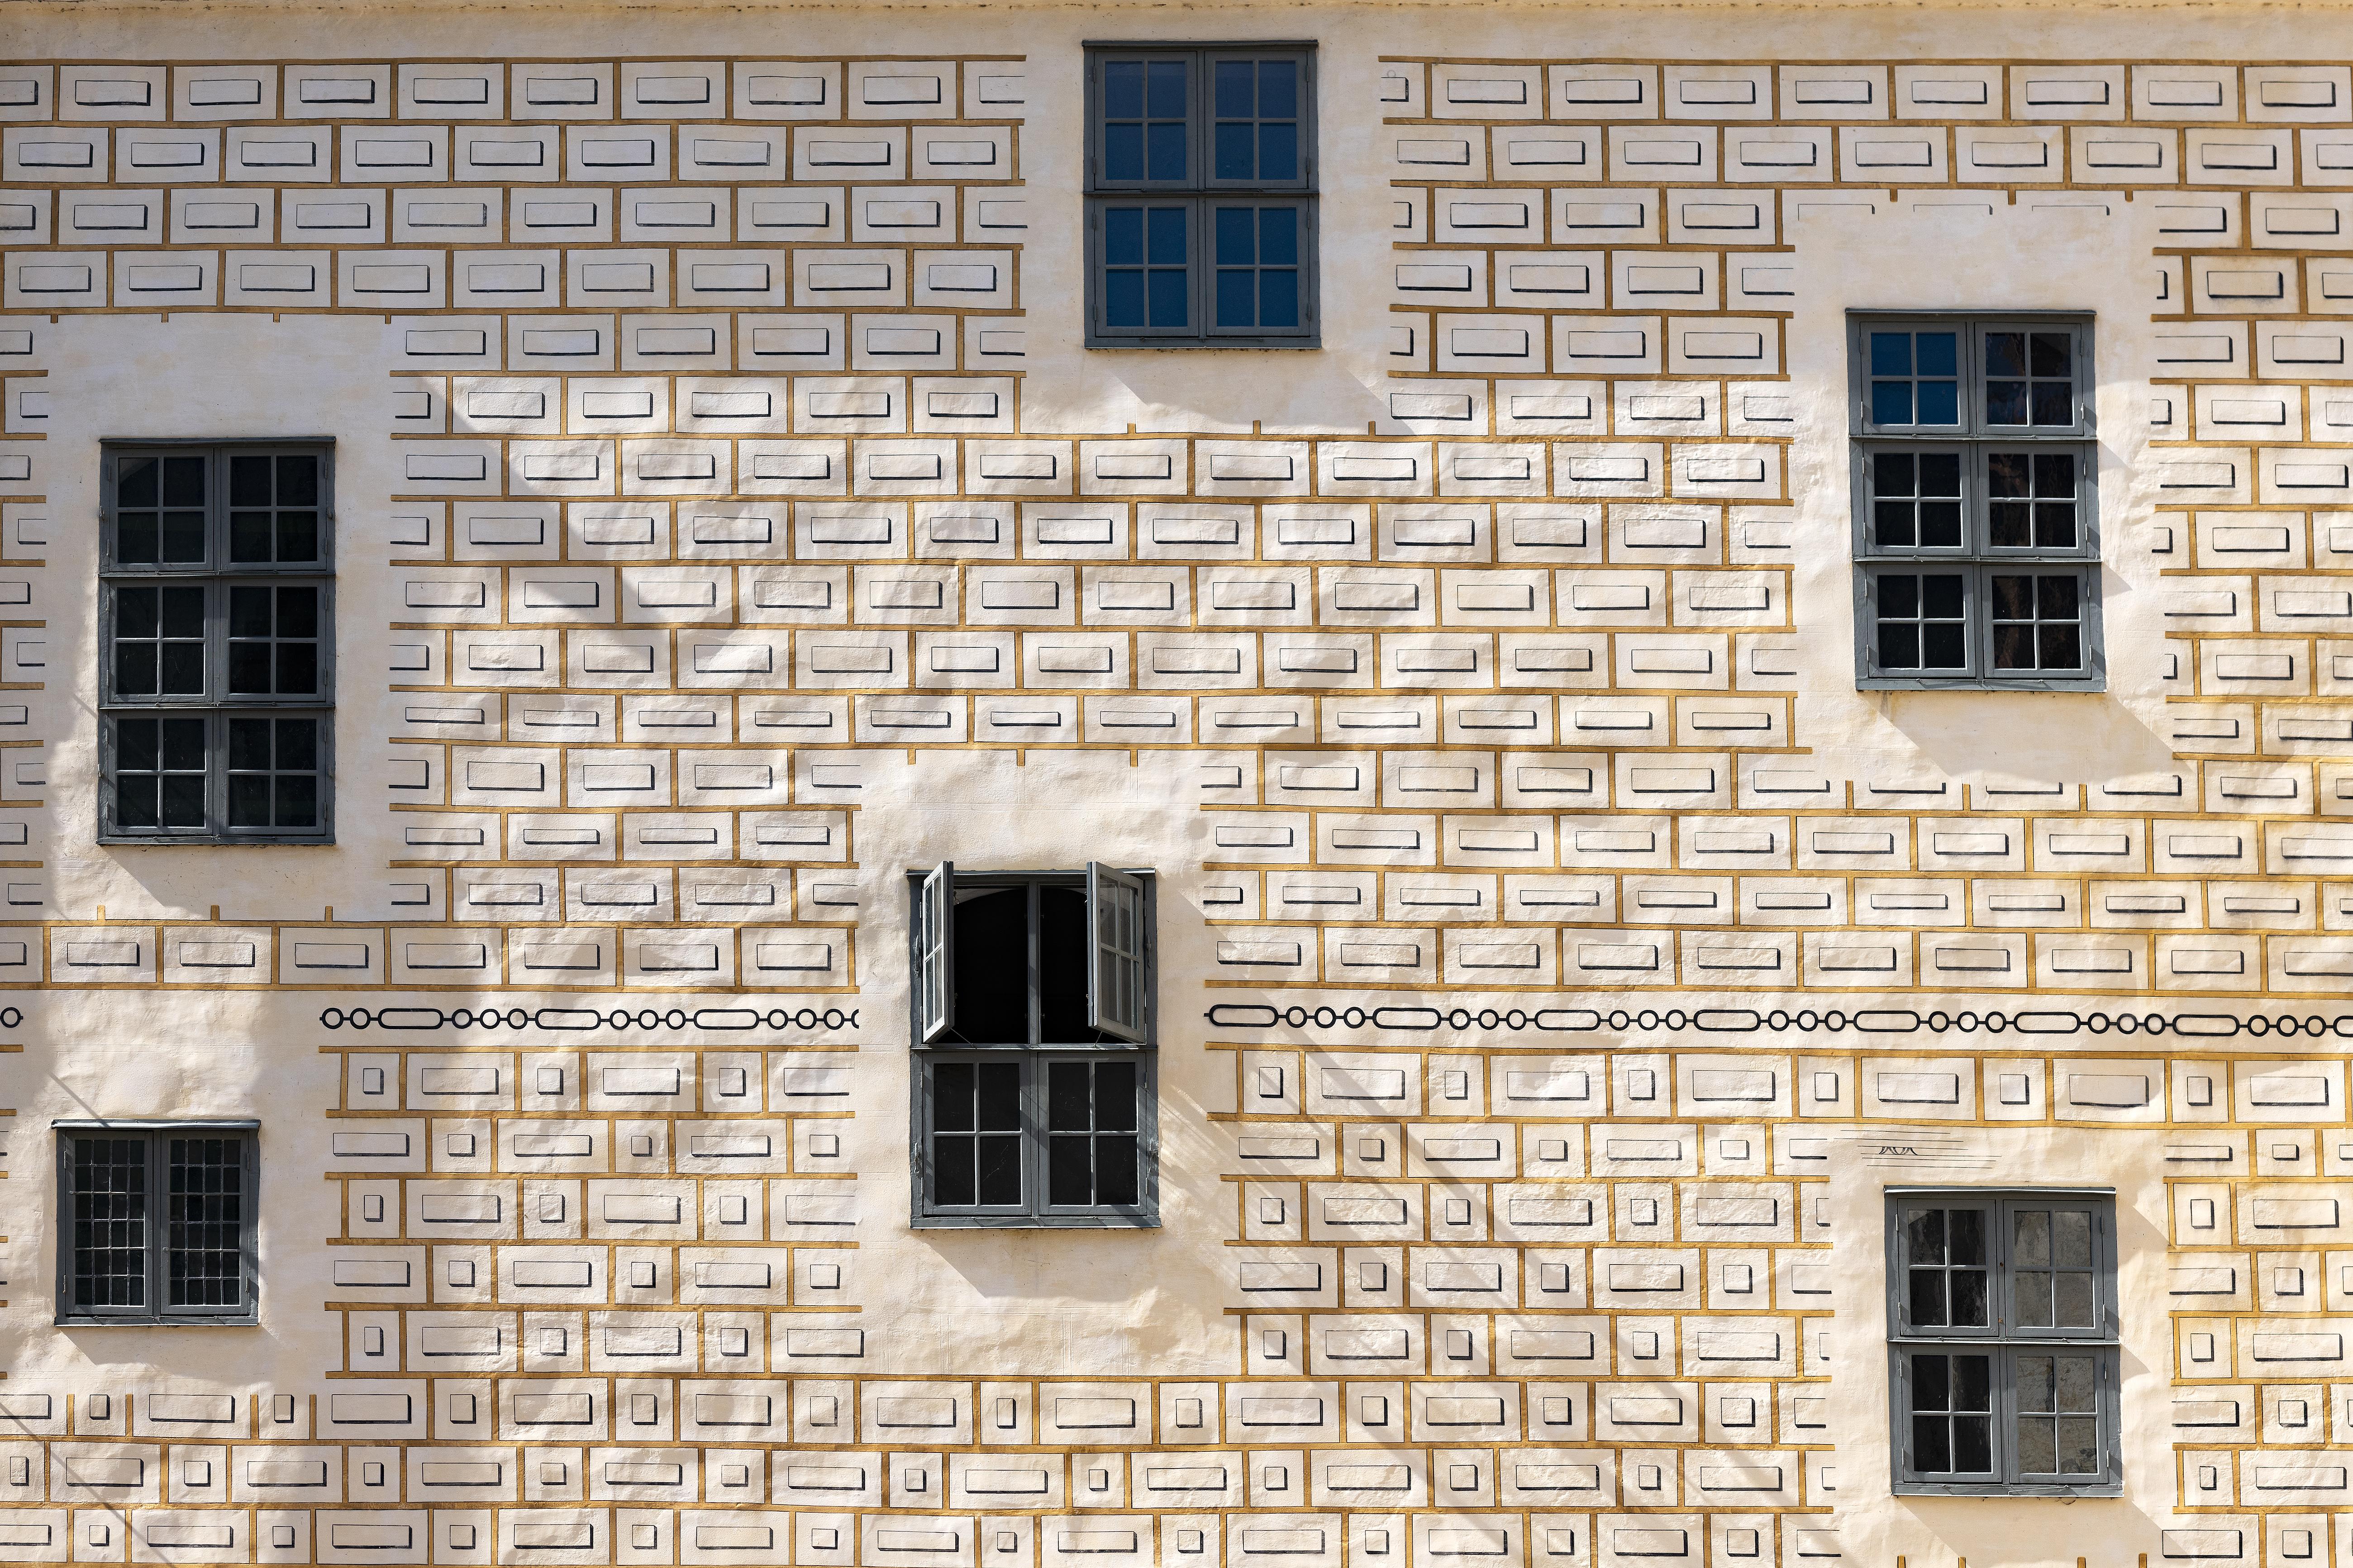 Kalmar slott borggården fasad. Foto: användare Arkland CC BY-SA 4.0